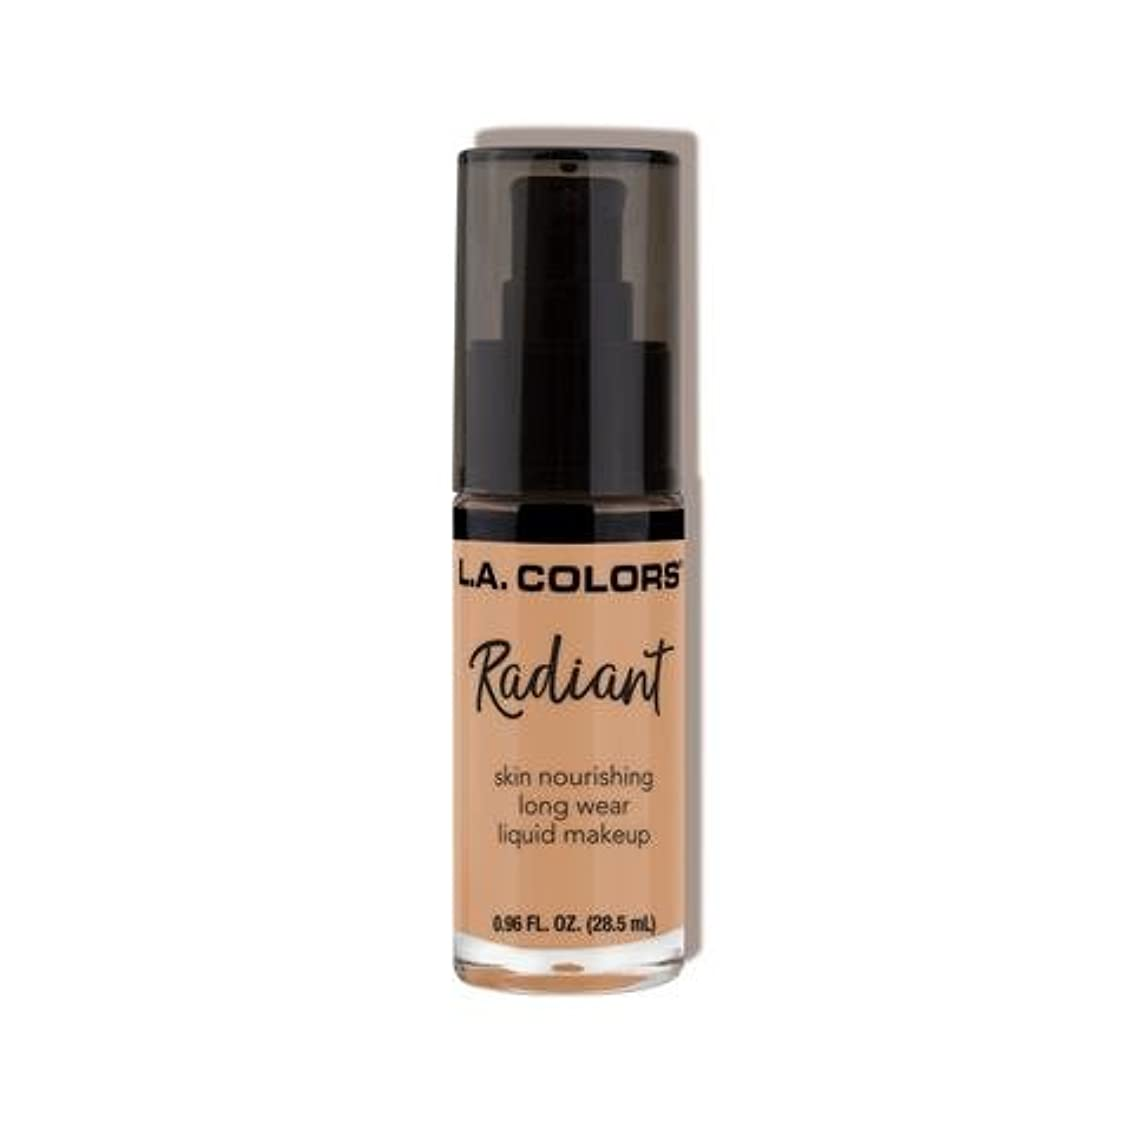 報告書許さない拍手する(3 Pack) L.A. COLORS Radiant Liquid Makeup - Light Tan (並行輸入品)